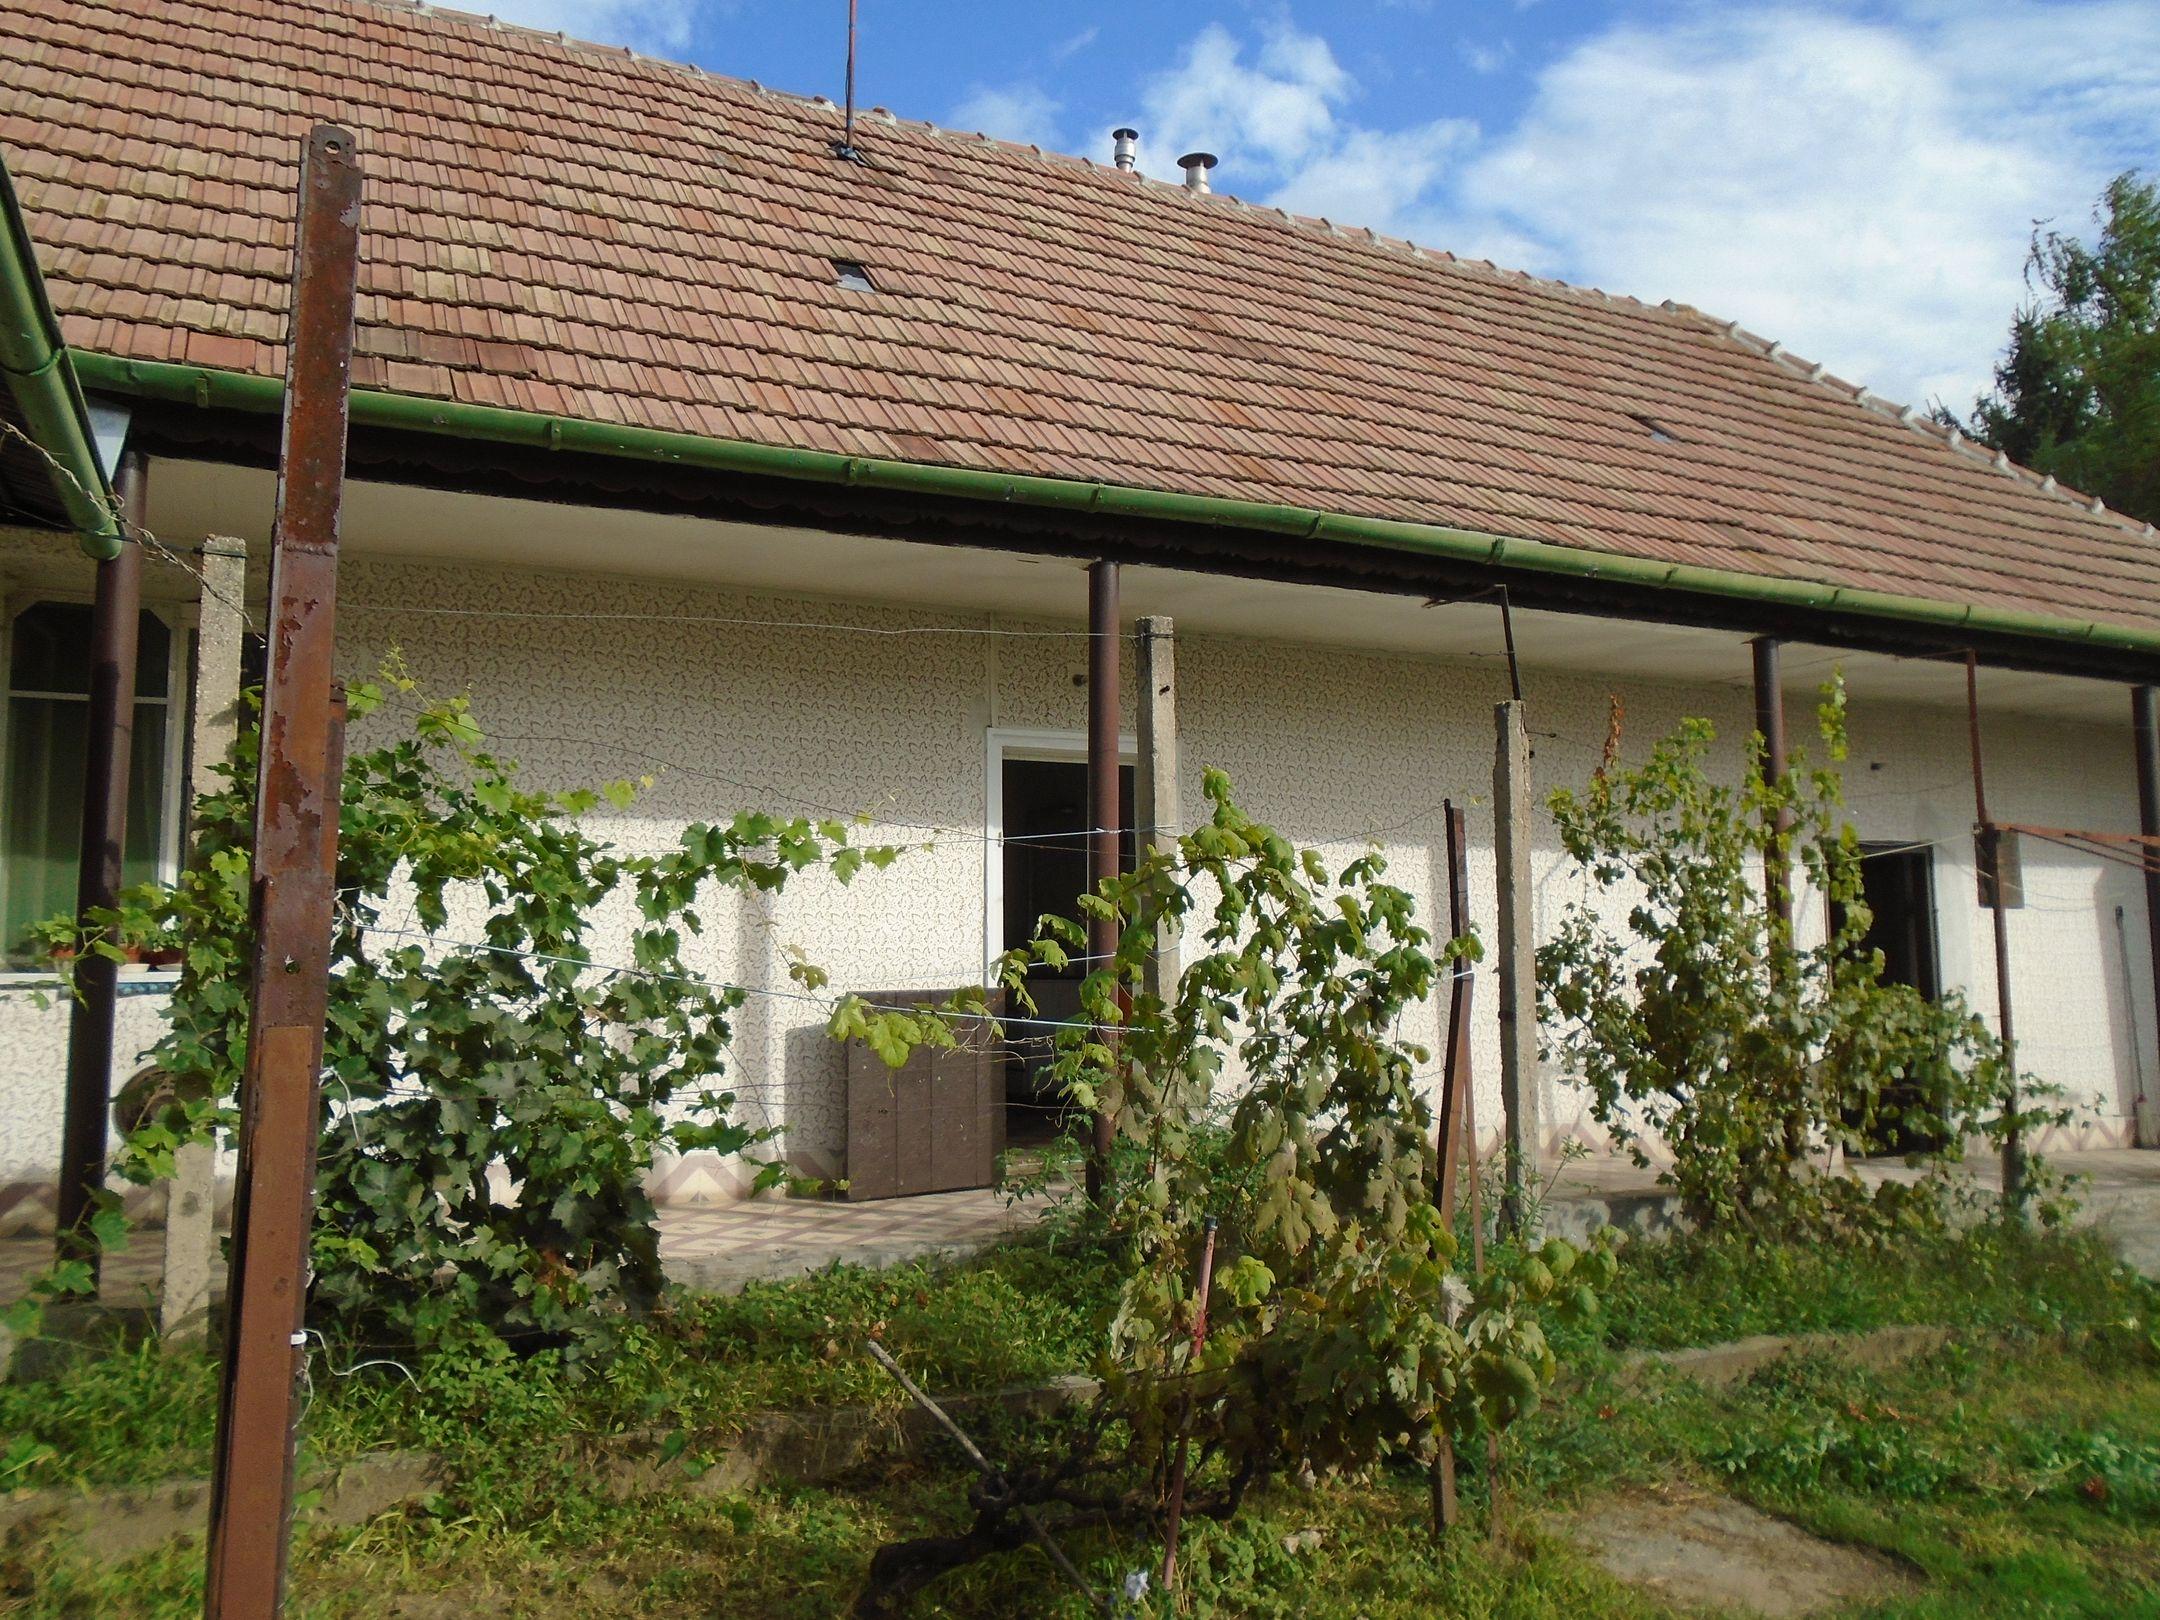 Maglód óvárosi részén,csendes,hangulatos környezetben eladó egy régi építésű,verandás családi ház!